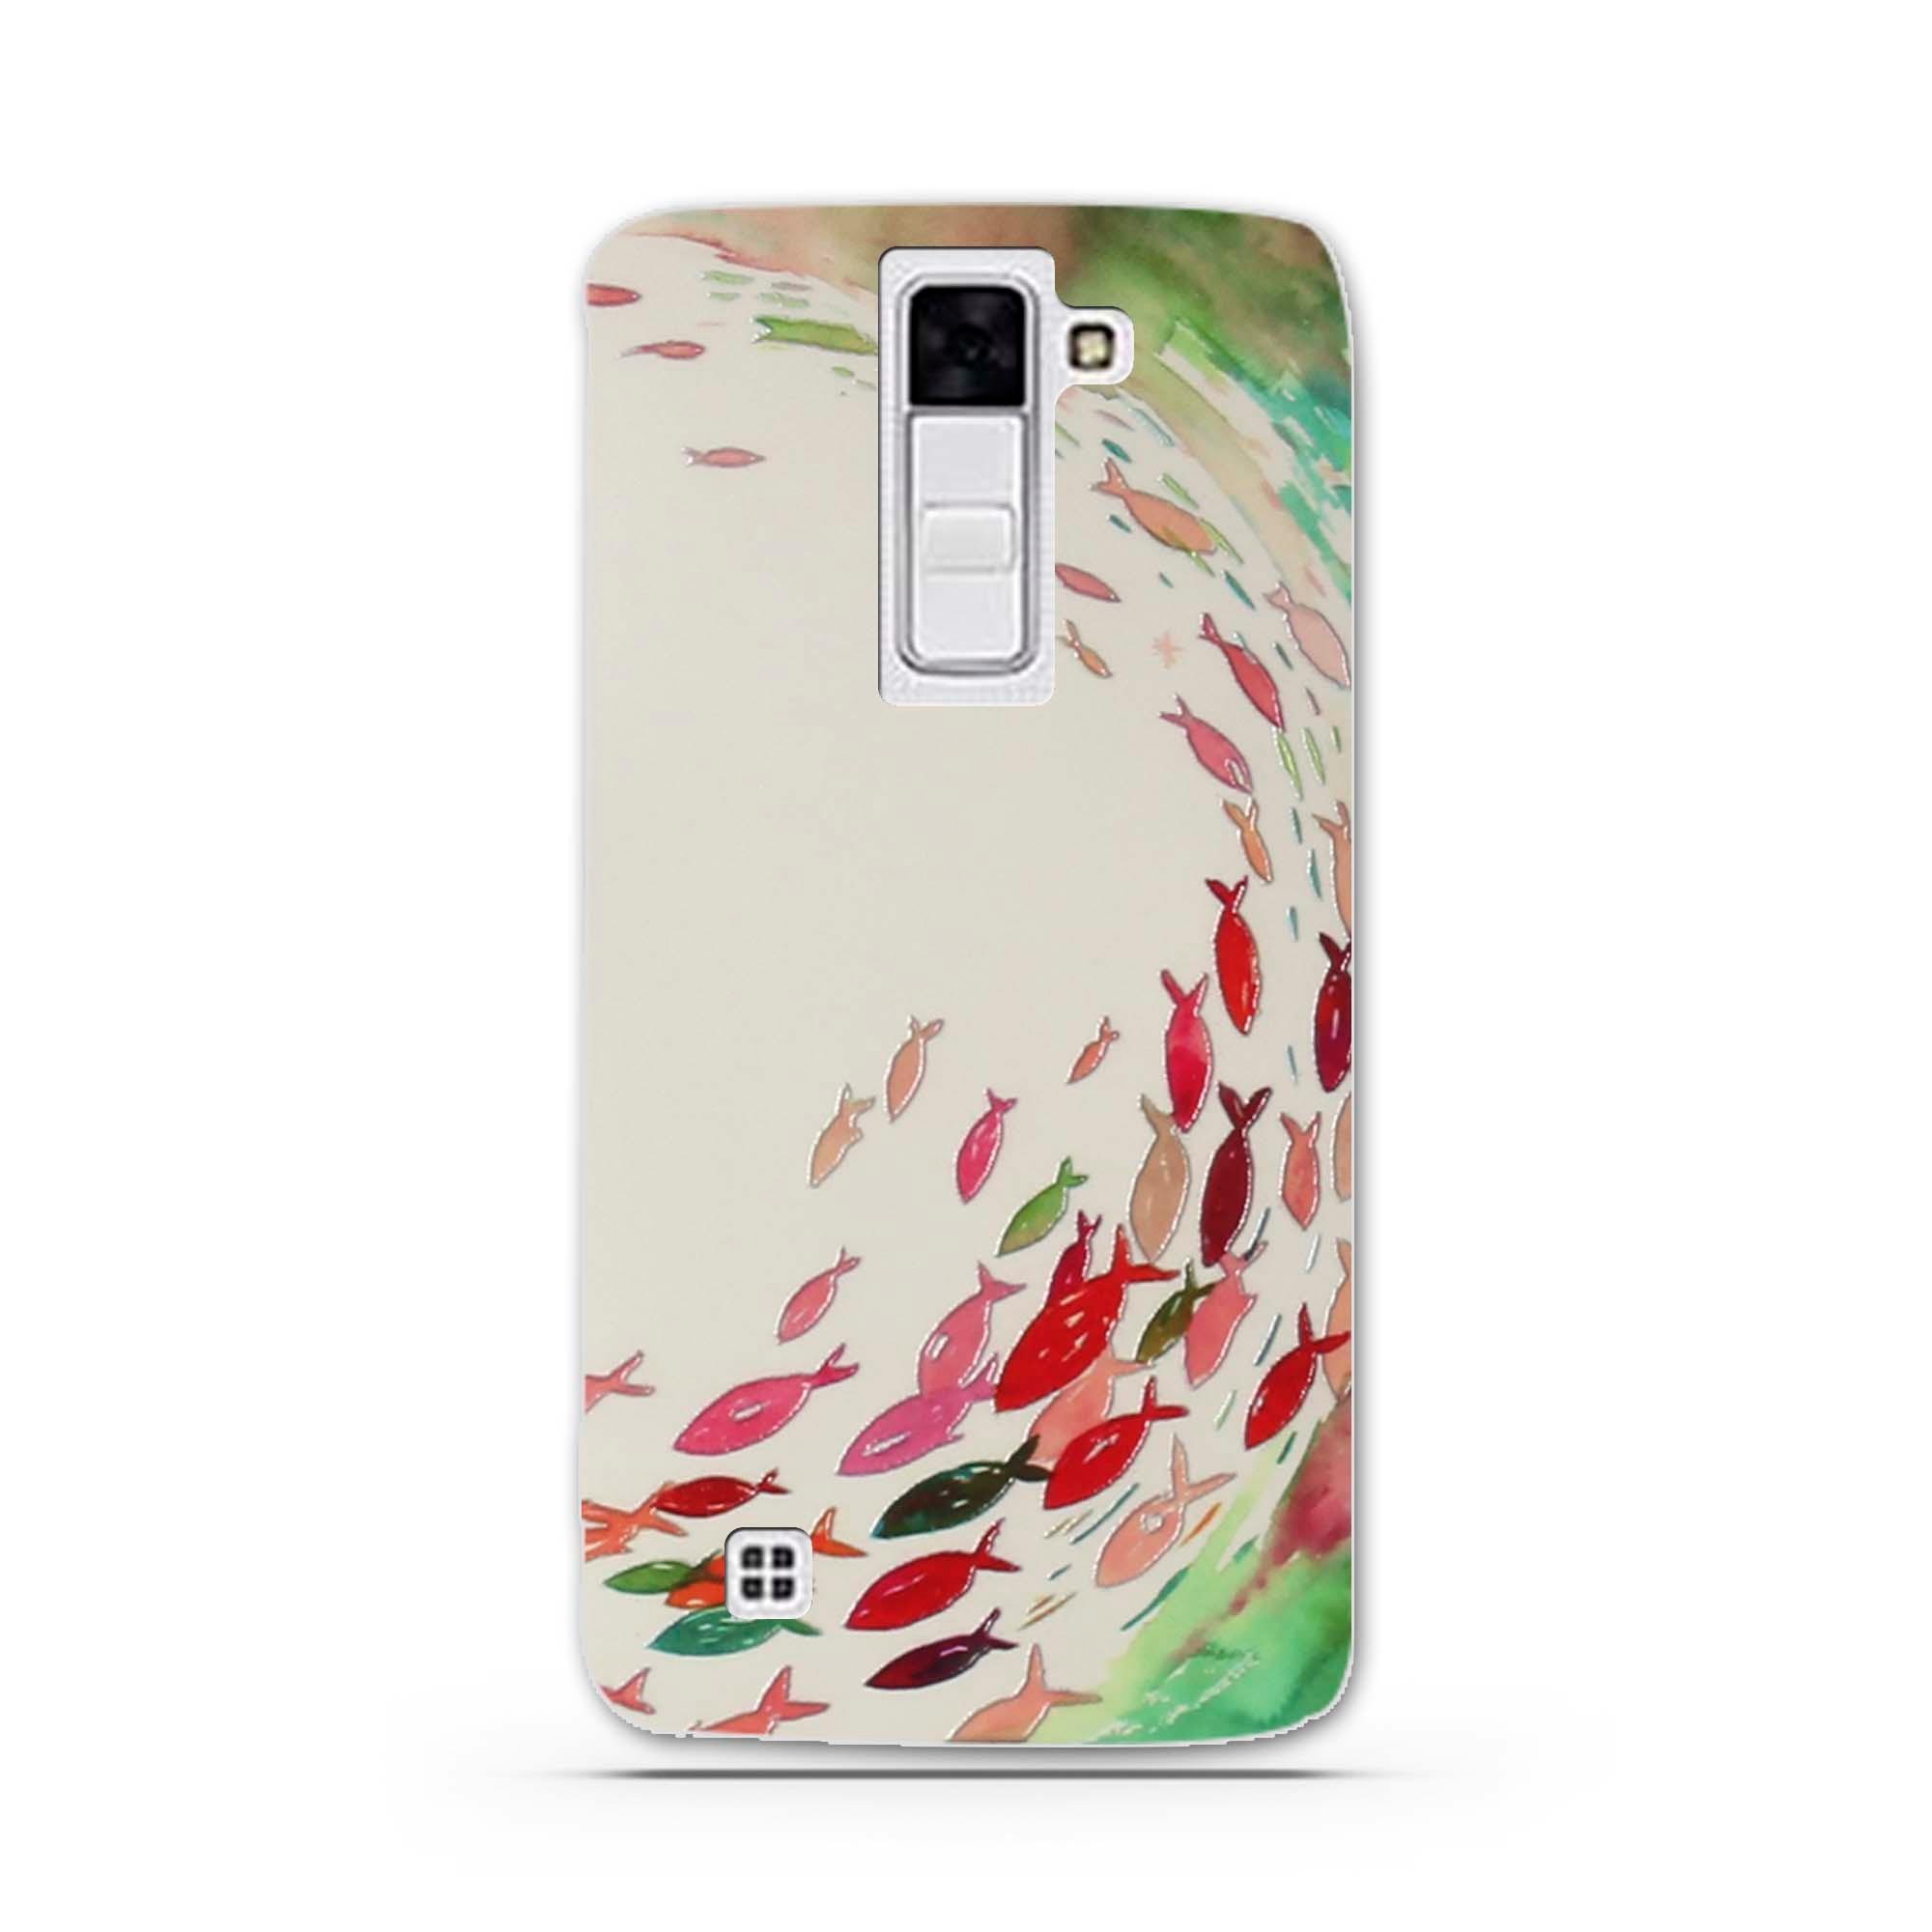 """Case Miękka TPU Luksusowe 3D Ulga Druk Pokrywy Skrzynka Dla LG K8 Lte K350 K350E K350N 5.0 """"K 8 Telefon Powrót Silicon Pokrywa Bag Sprawach 12"""